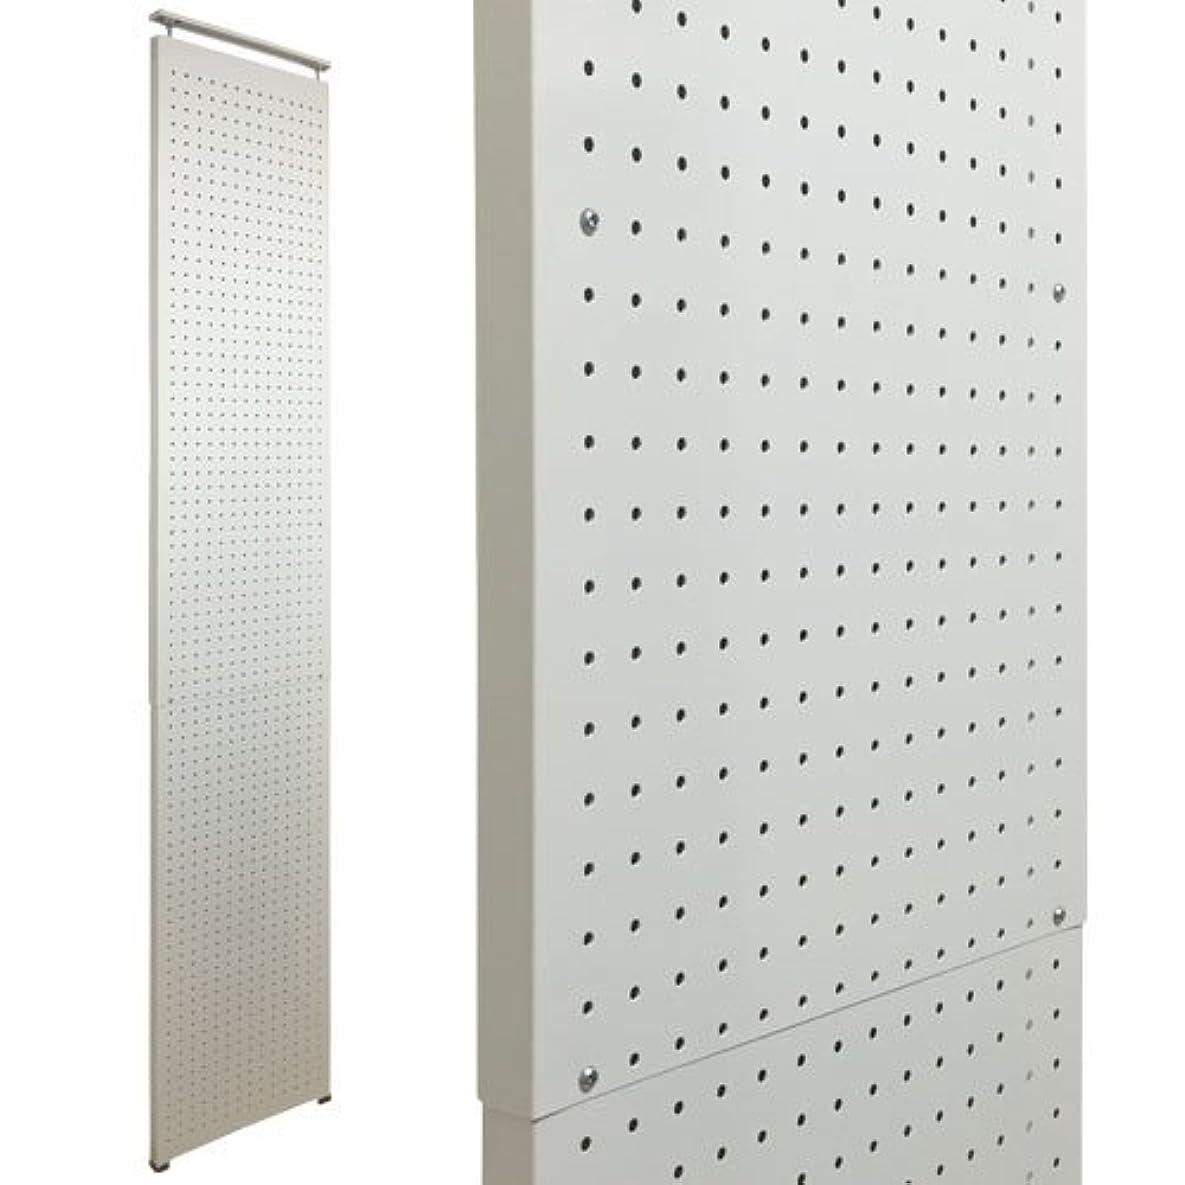 ネイティブピンク男らしさ壁面突っ張りパンチングラック 有孔ボード風 幅45×奥行3×高さ160~270cm 6.5φ-30P ホワイト